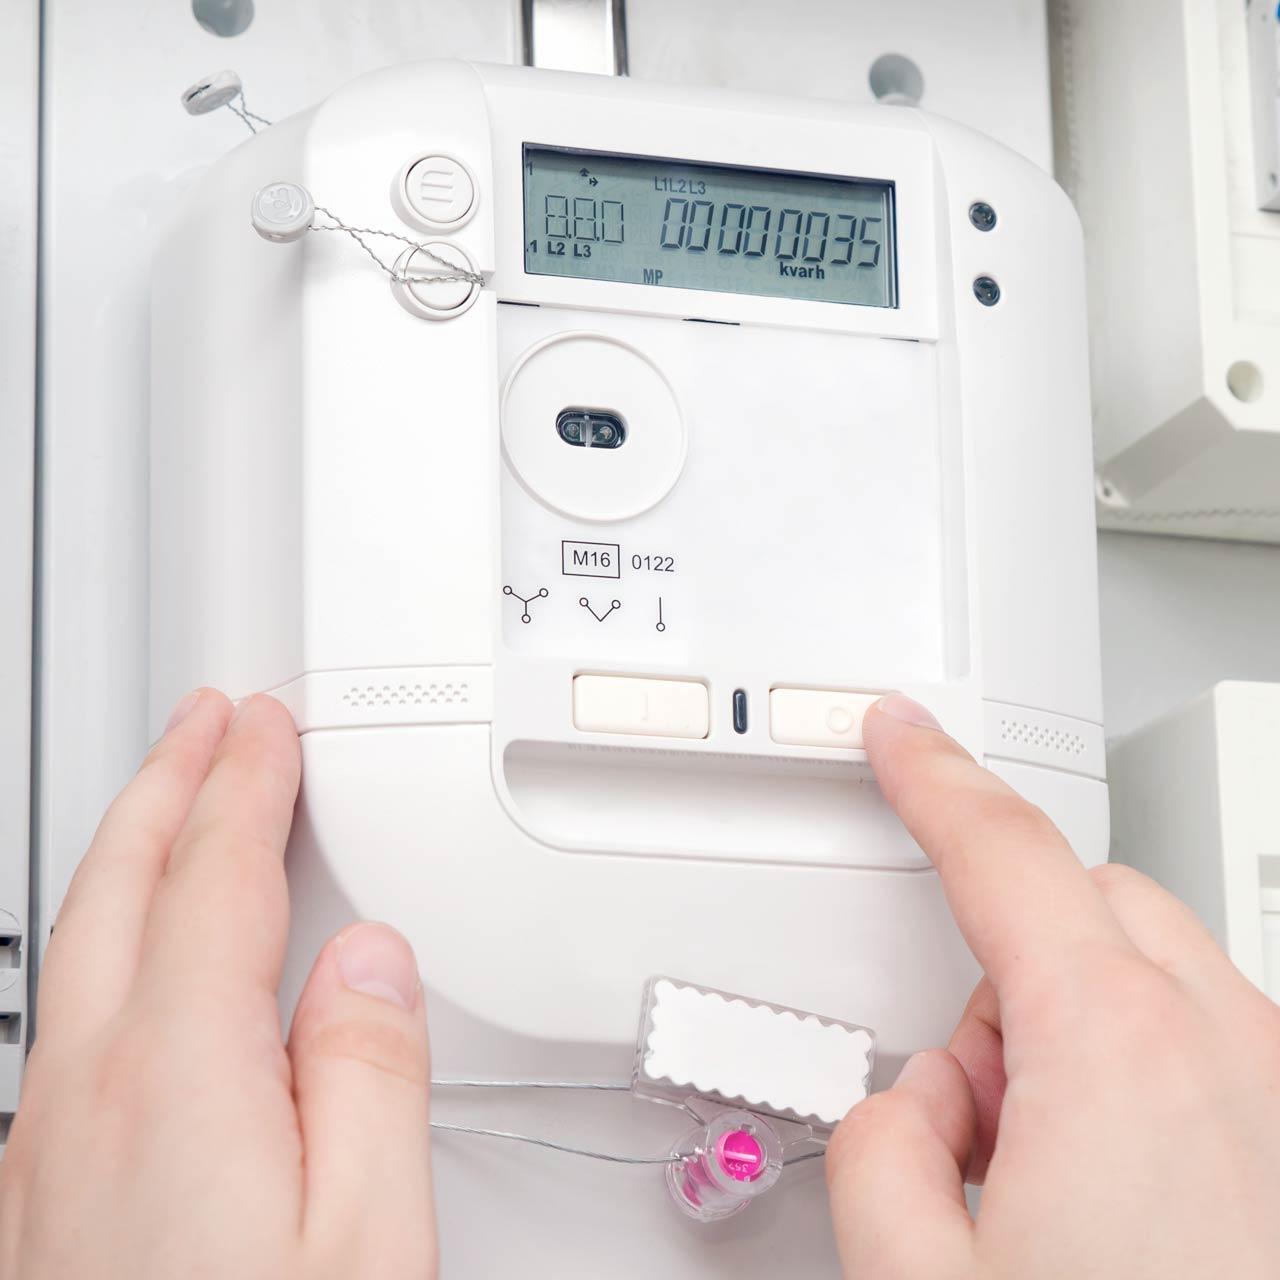 Trámite: Tramitación y gestión con empresas suministradoras de energía eléctrica